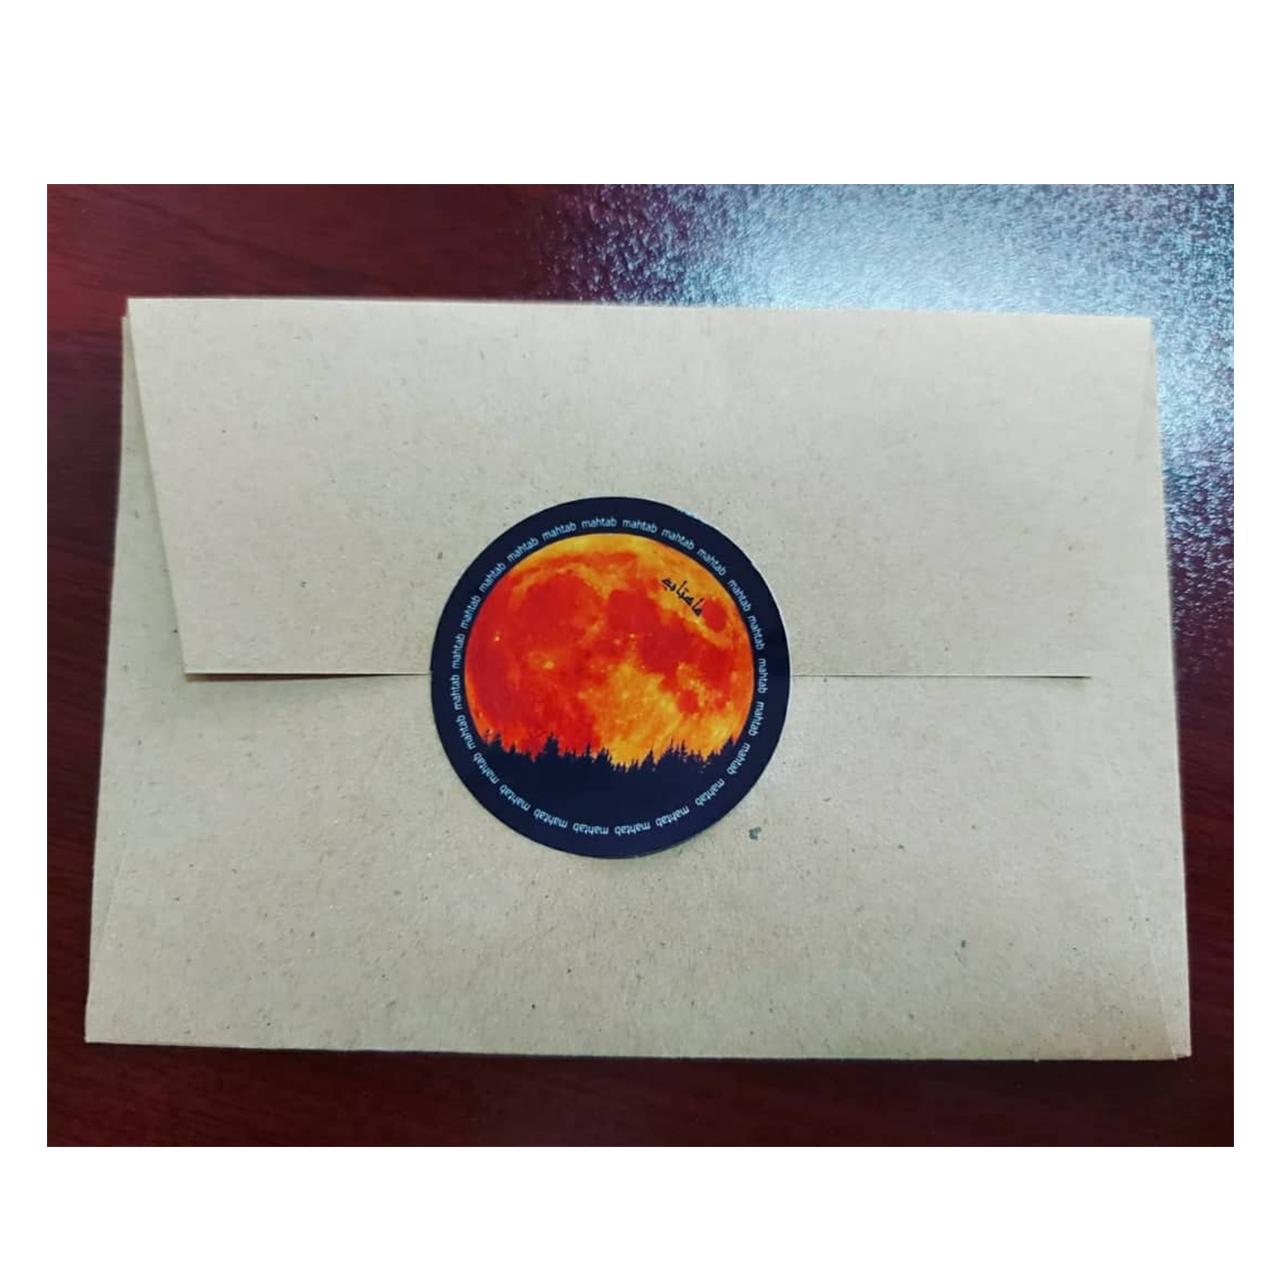 کارت پستال ماهتاب طرح عاشقتم عشق دوست دارم i love you کد 1899